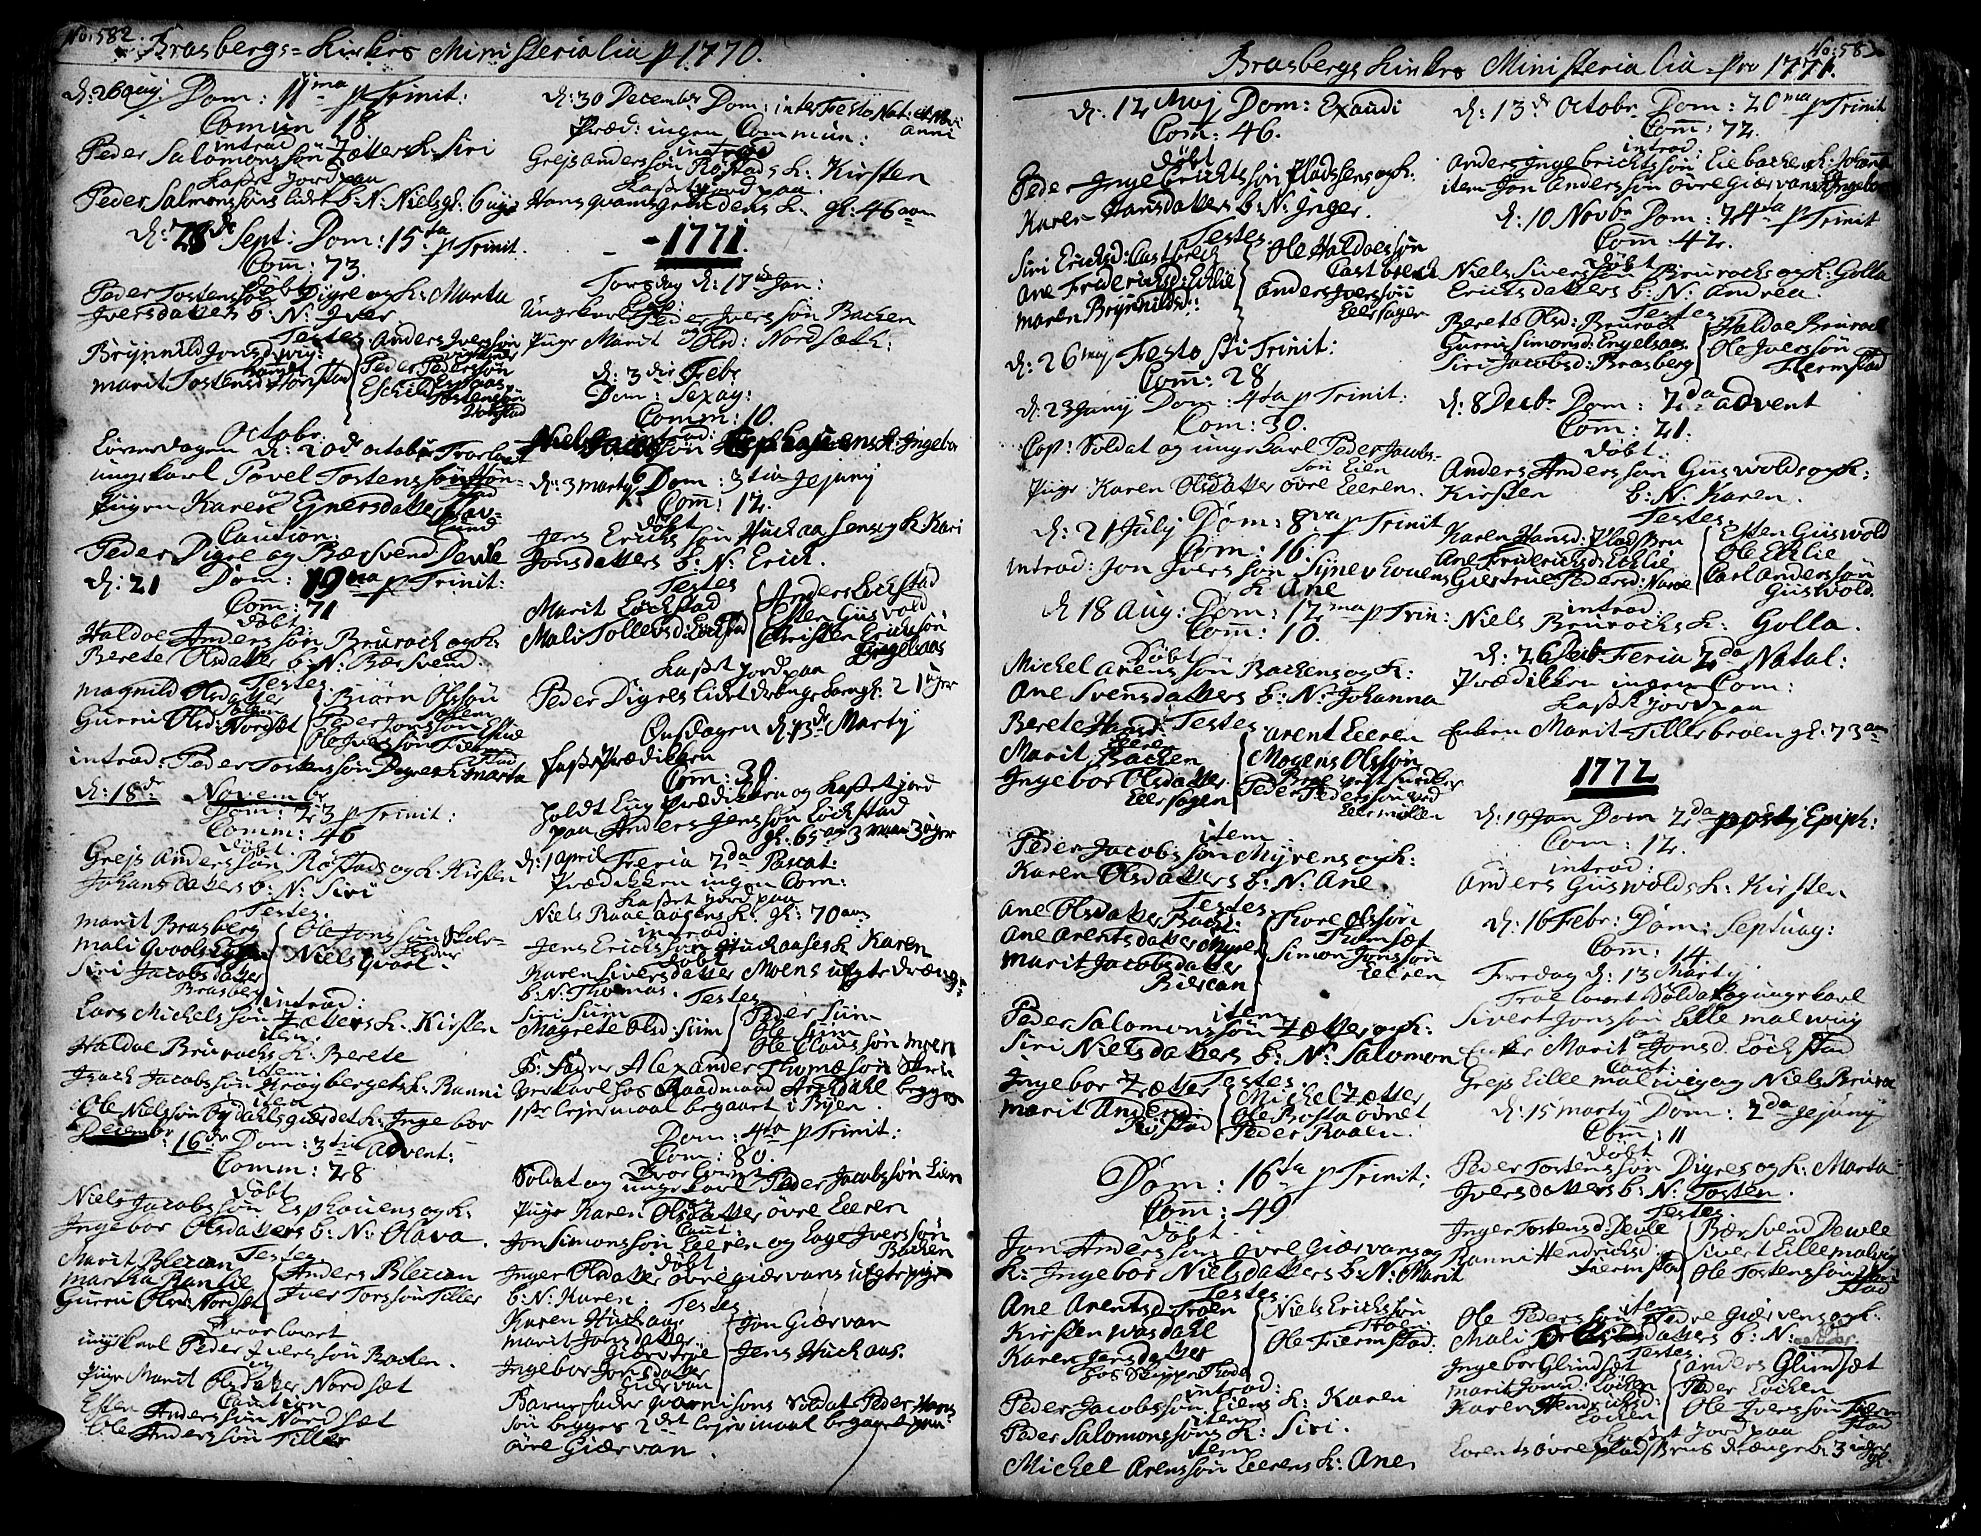 SAT, Ministerialprotokoller, klokkerbøker og fødselsregistre - Sør-Trøndelag, 606/L0278: Ministerialbok nr. 606A01 /4, 1727-1780, s. 582-583